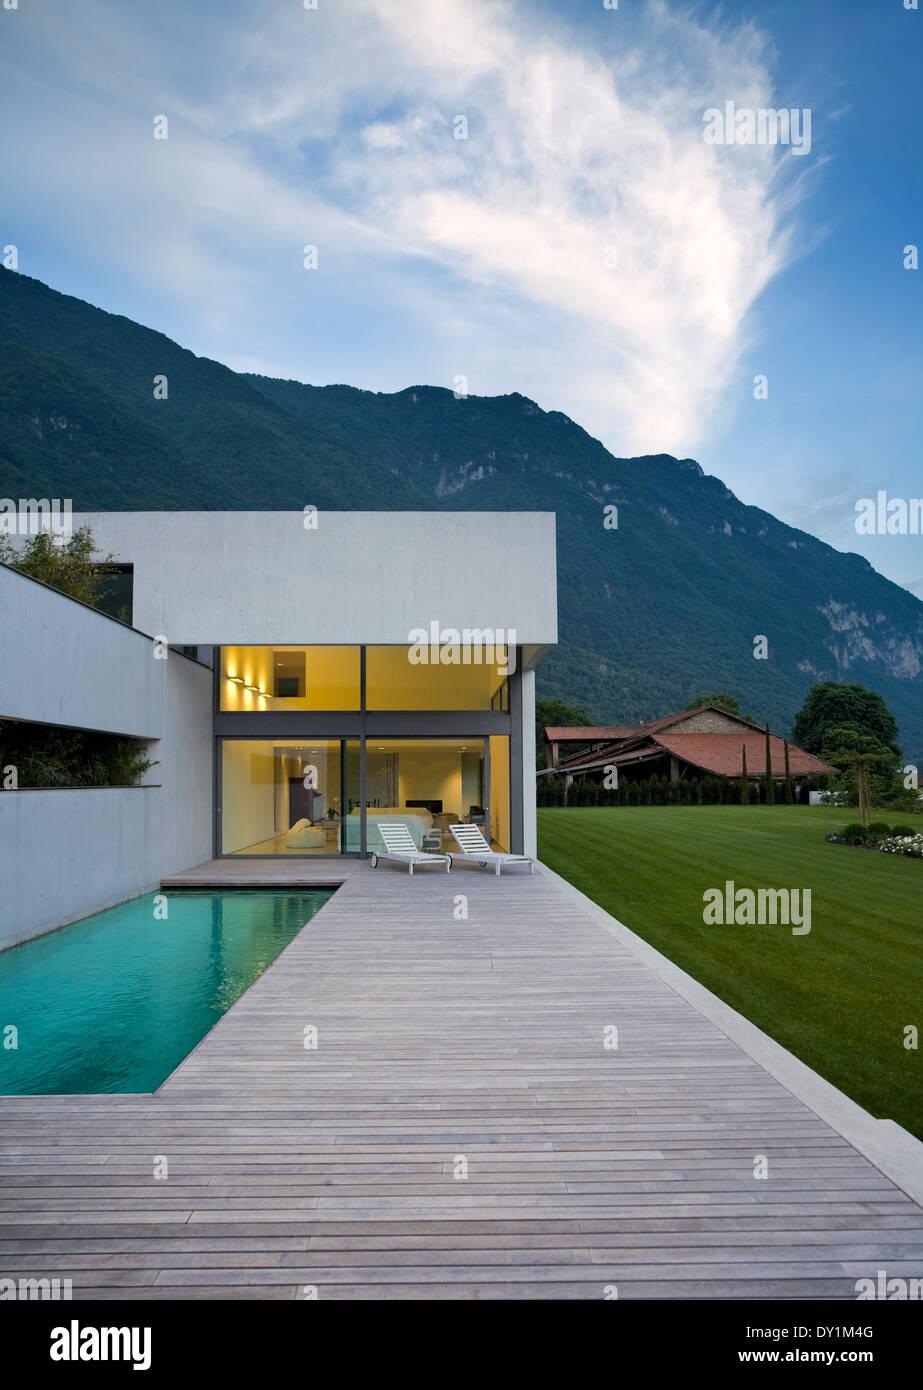 außen, modernes Haus in Beton mit Schönheit pool Stockfoto, Bild ...